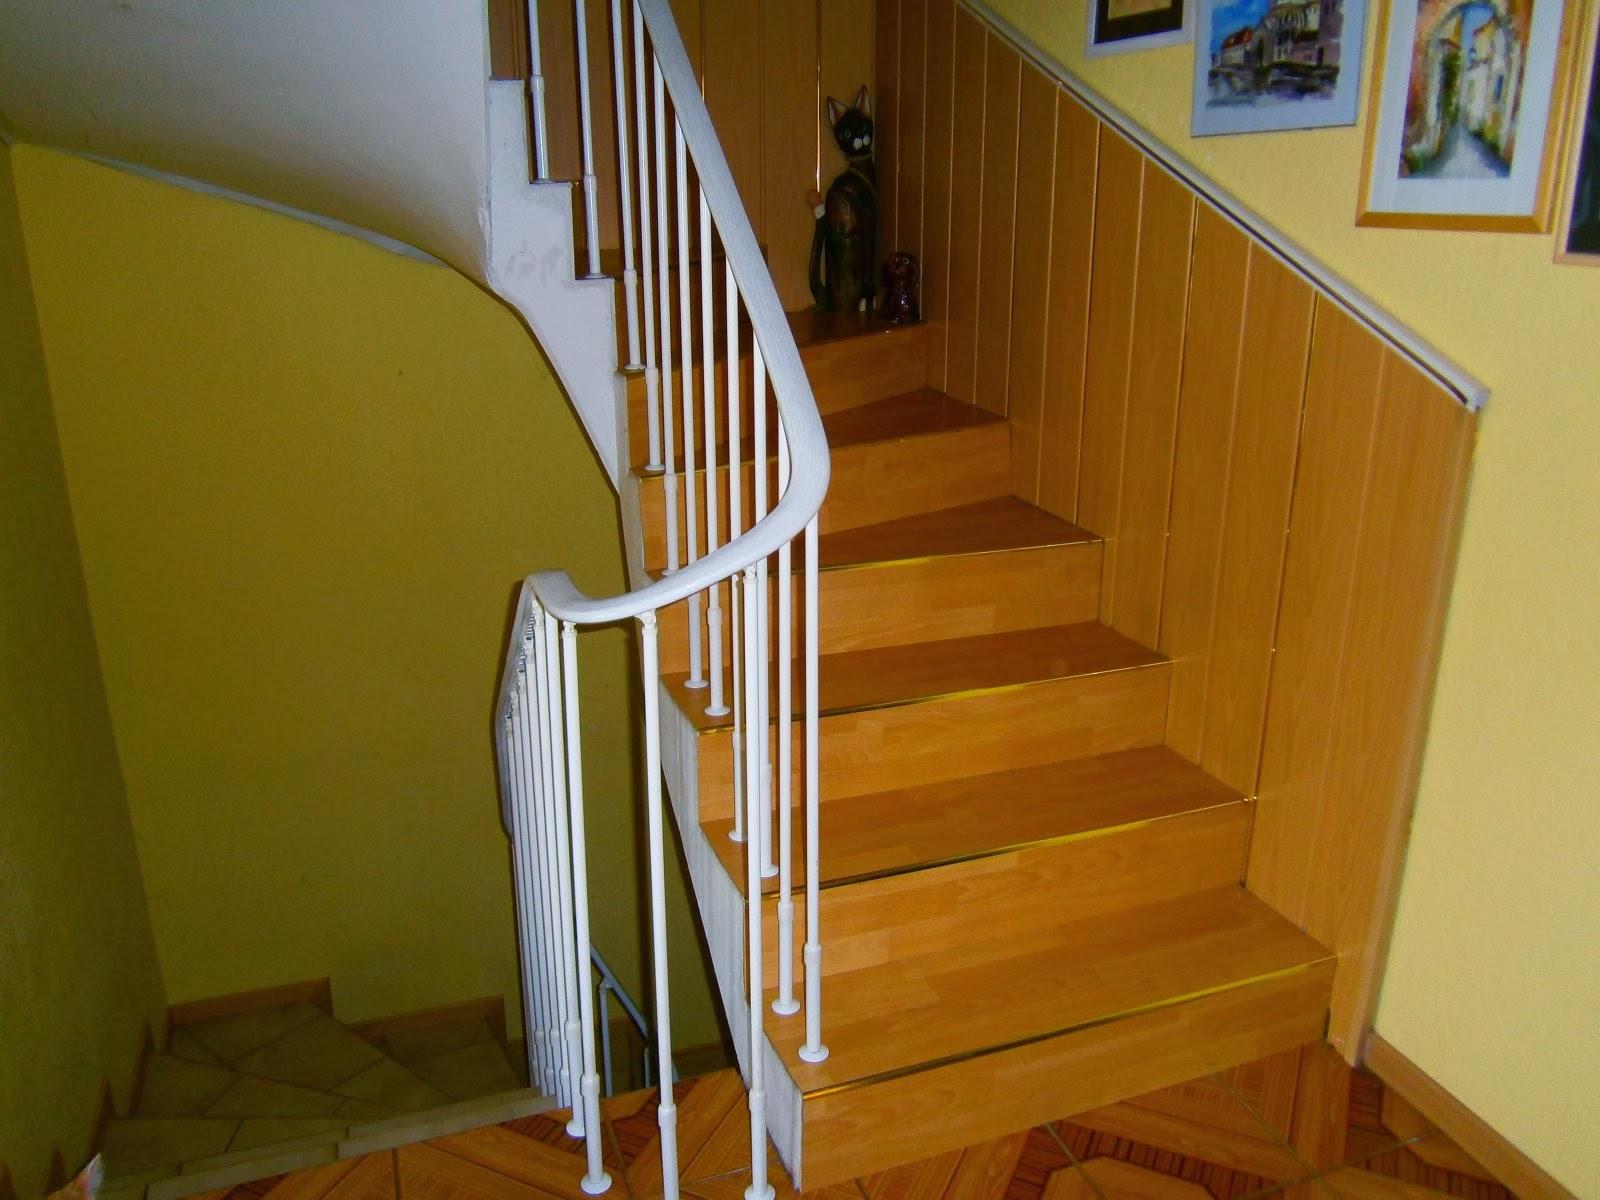 h k treppenrenovierung die renovierung einer betontreppe. Black Bedroom Furniture Sets. Home Design Ideas